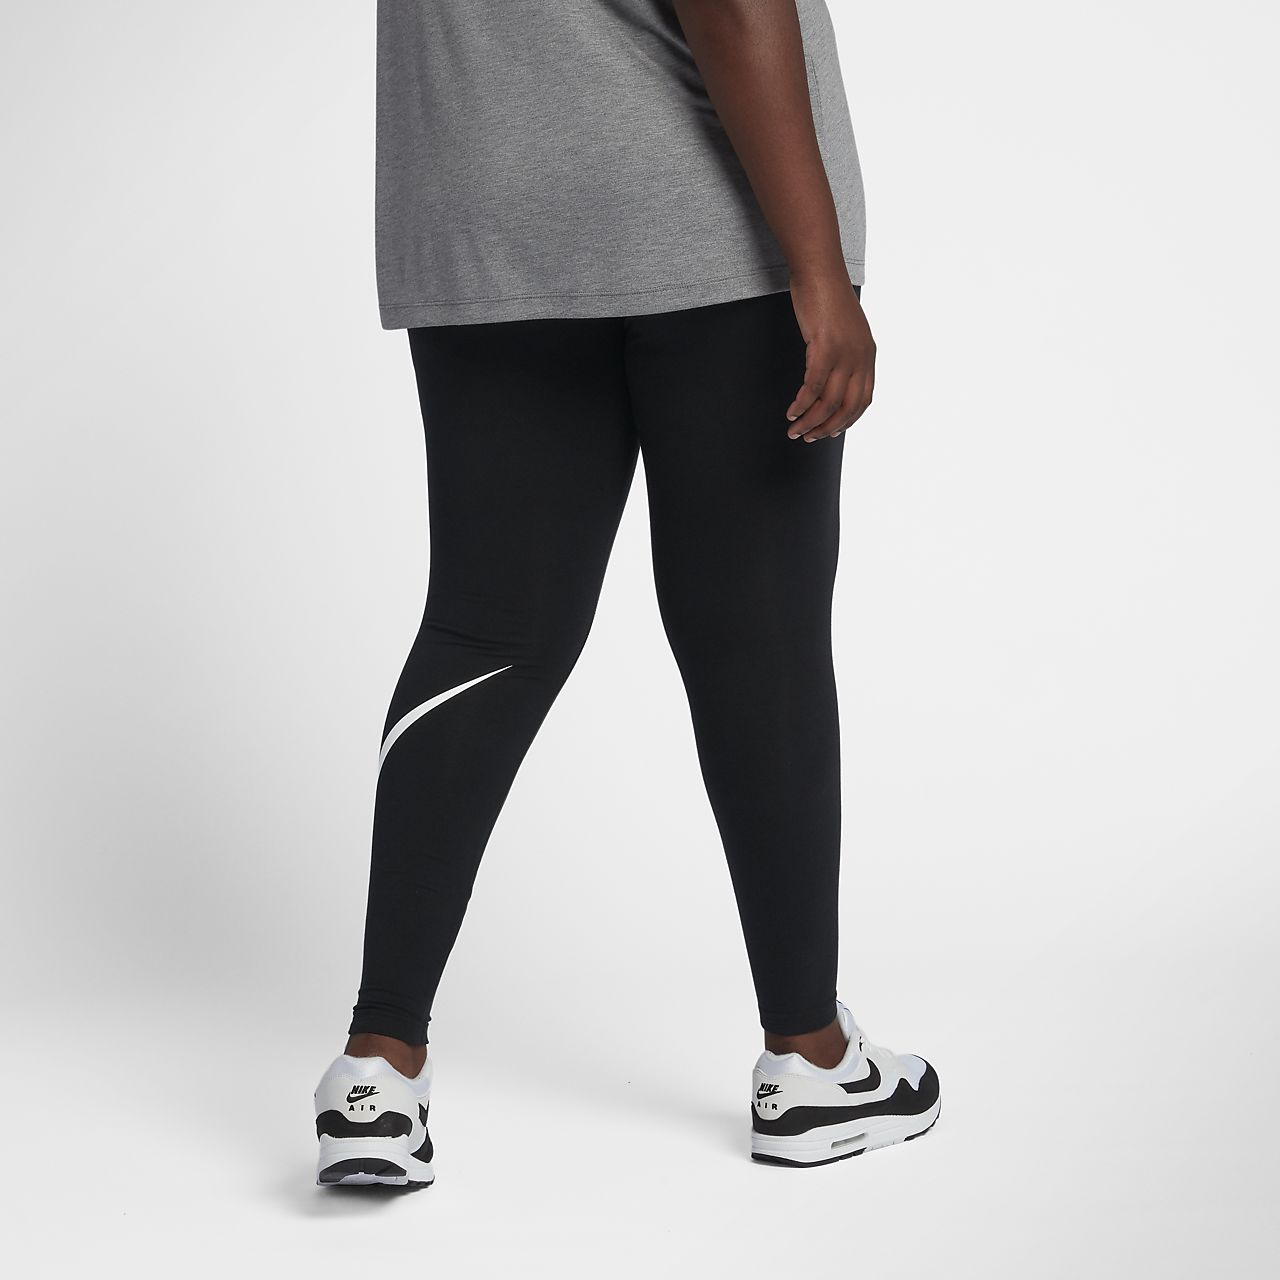 8b1376022b0 Γυναικείο κολάν Nike Sportswear (μεγάλα μεγέθη). Nike.com GR